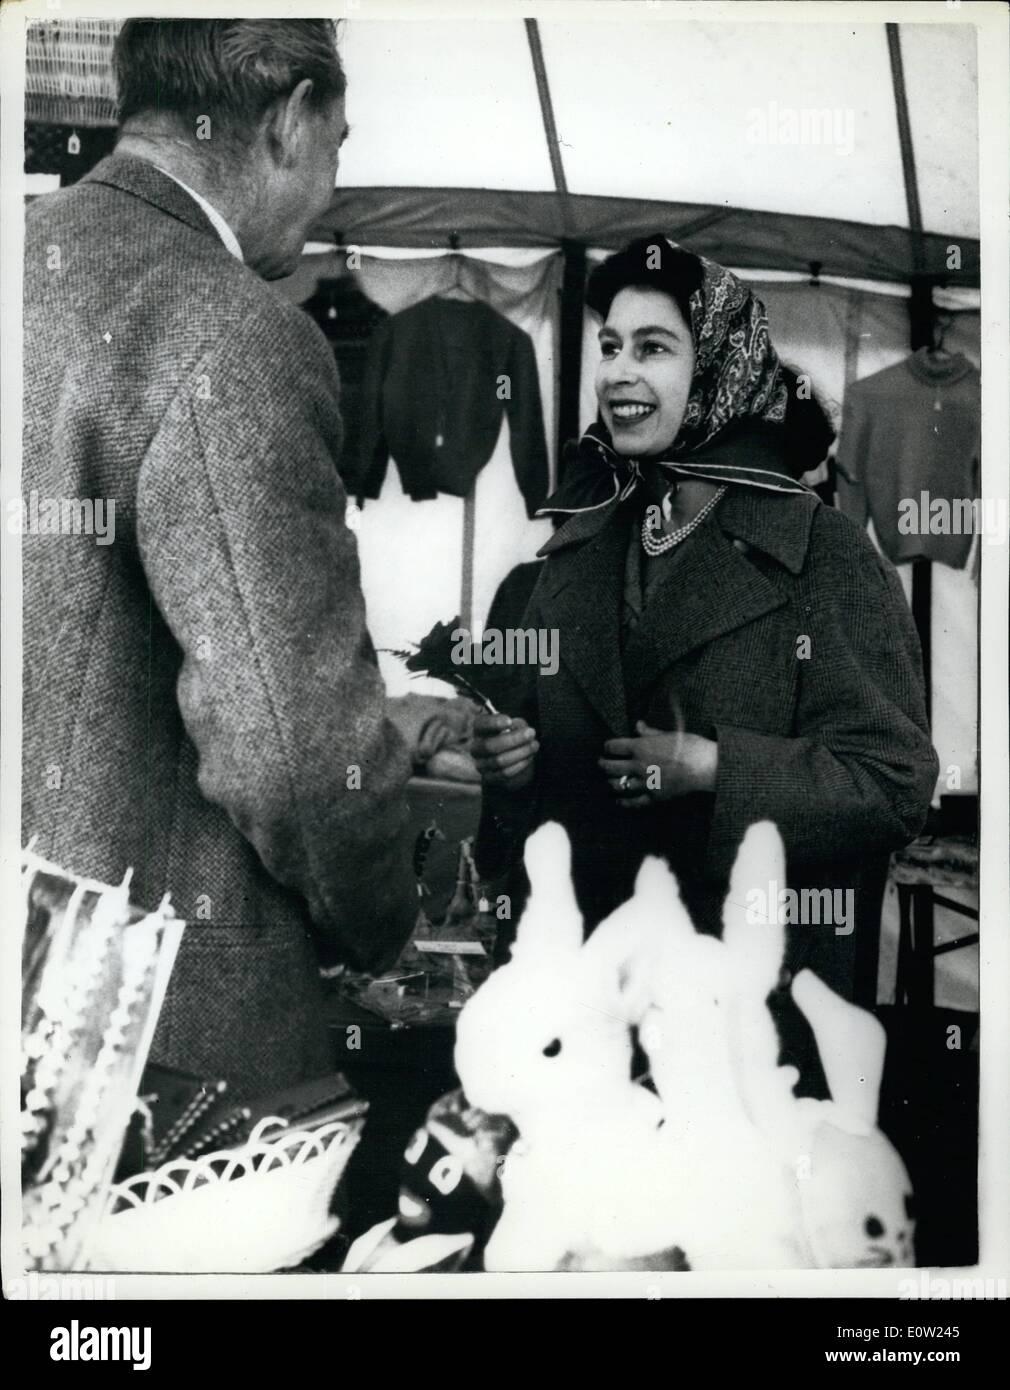 2. Februar 1961 - Königin geht an ihrem Geburtstag - am Badminton einkaufen: die Königin, die heute ihren 35. Geburtstag Stockfoto